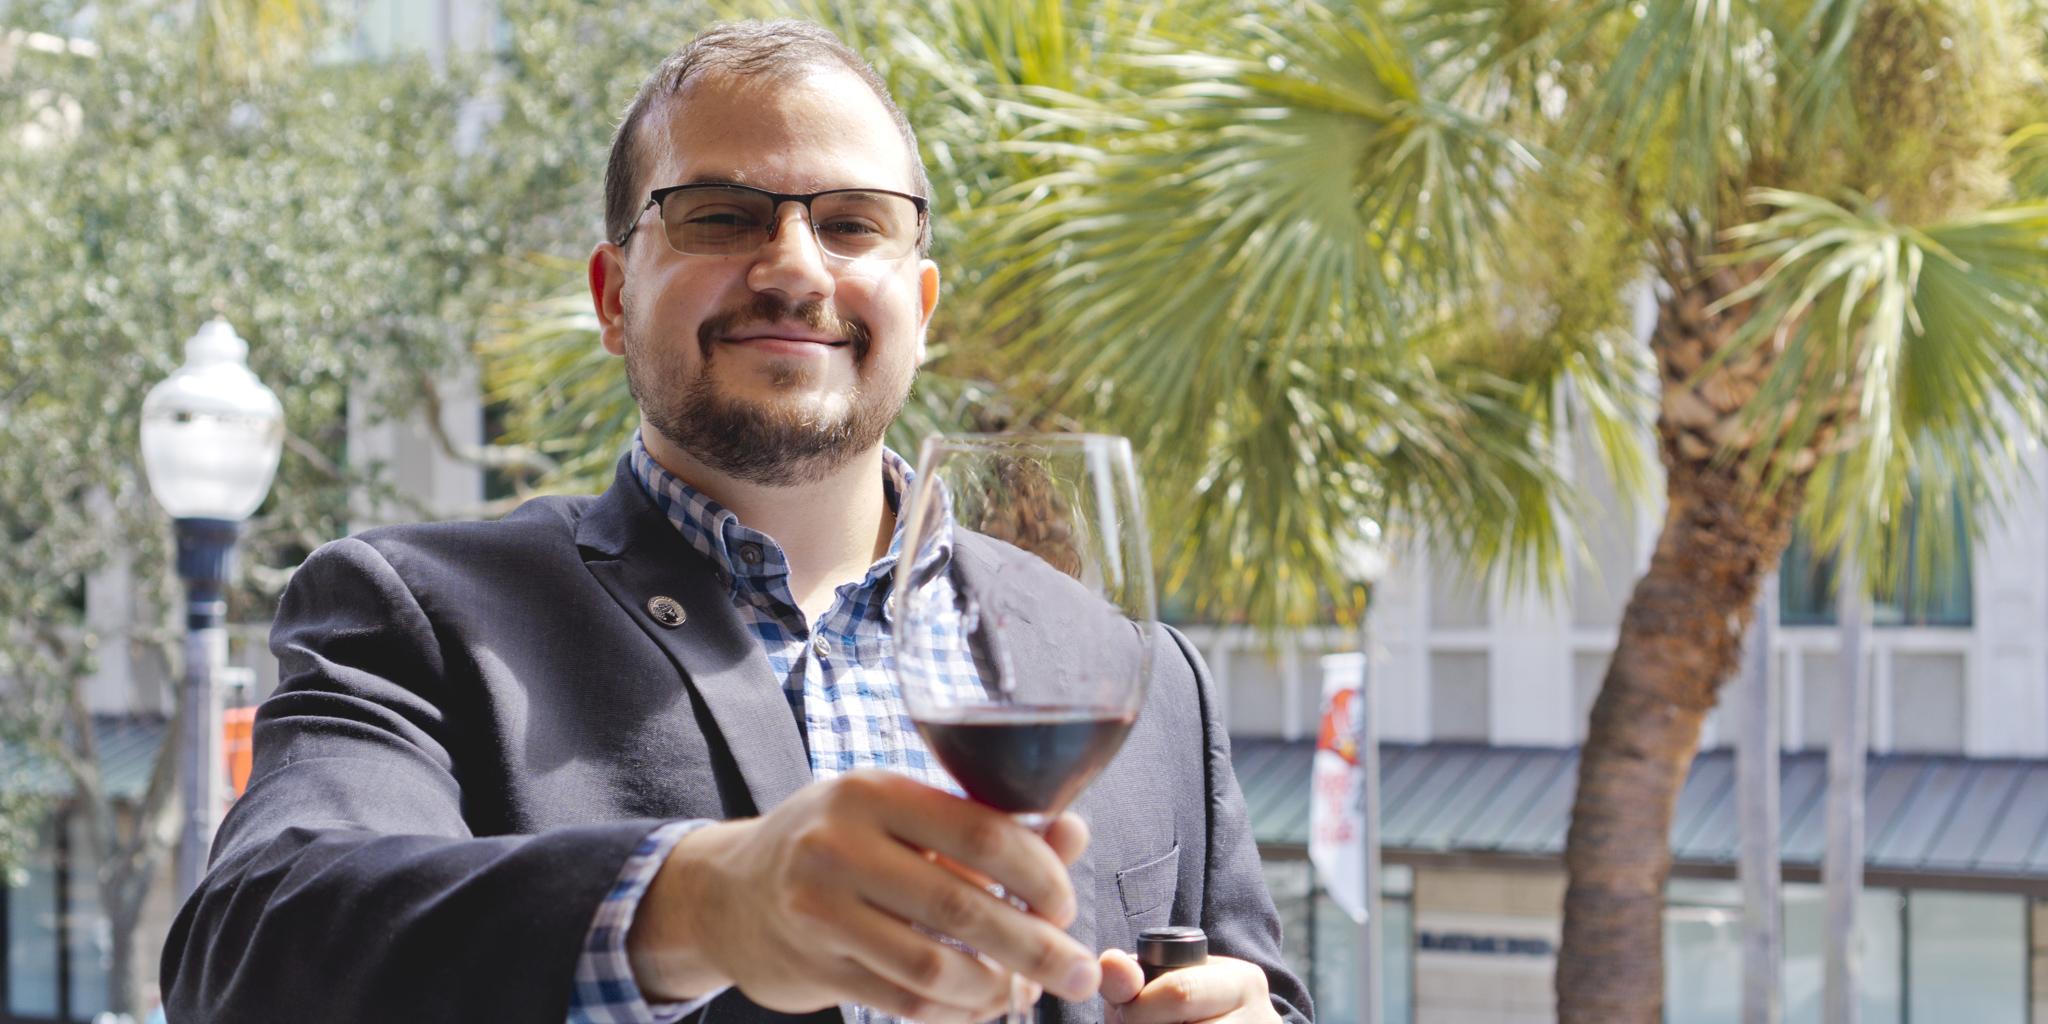 Sauvignon Wine Locker & American Trattoria